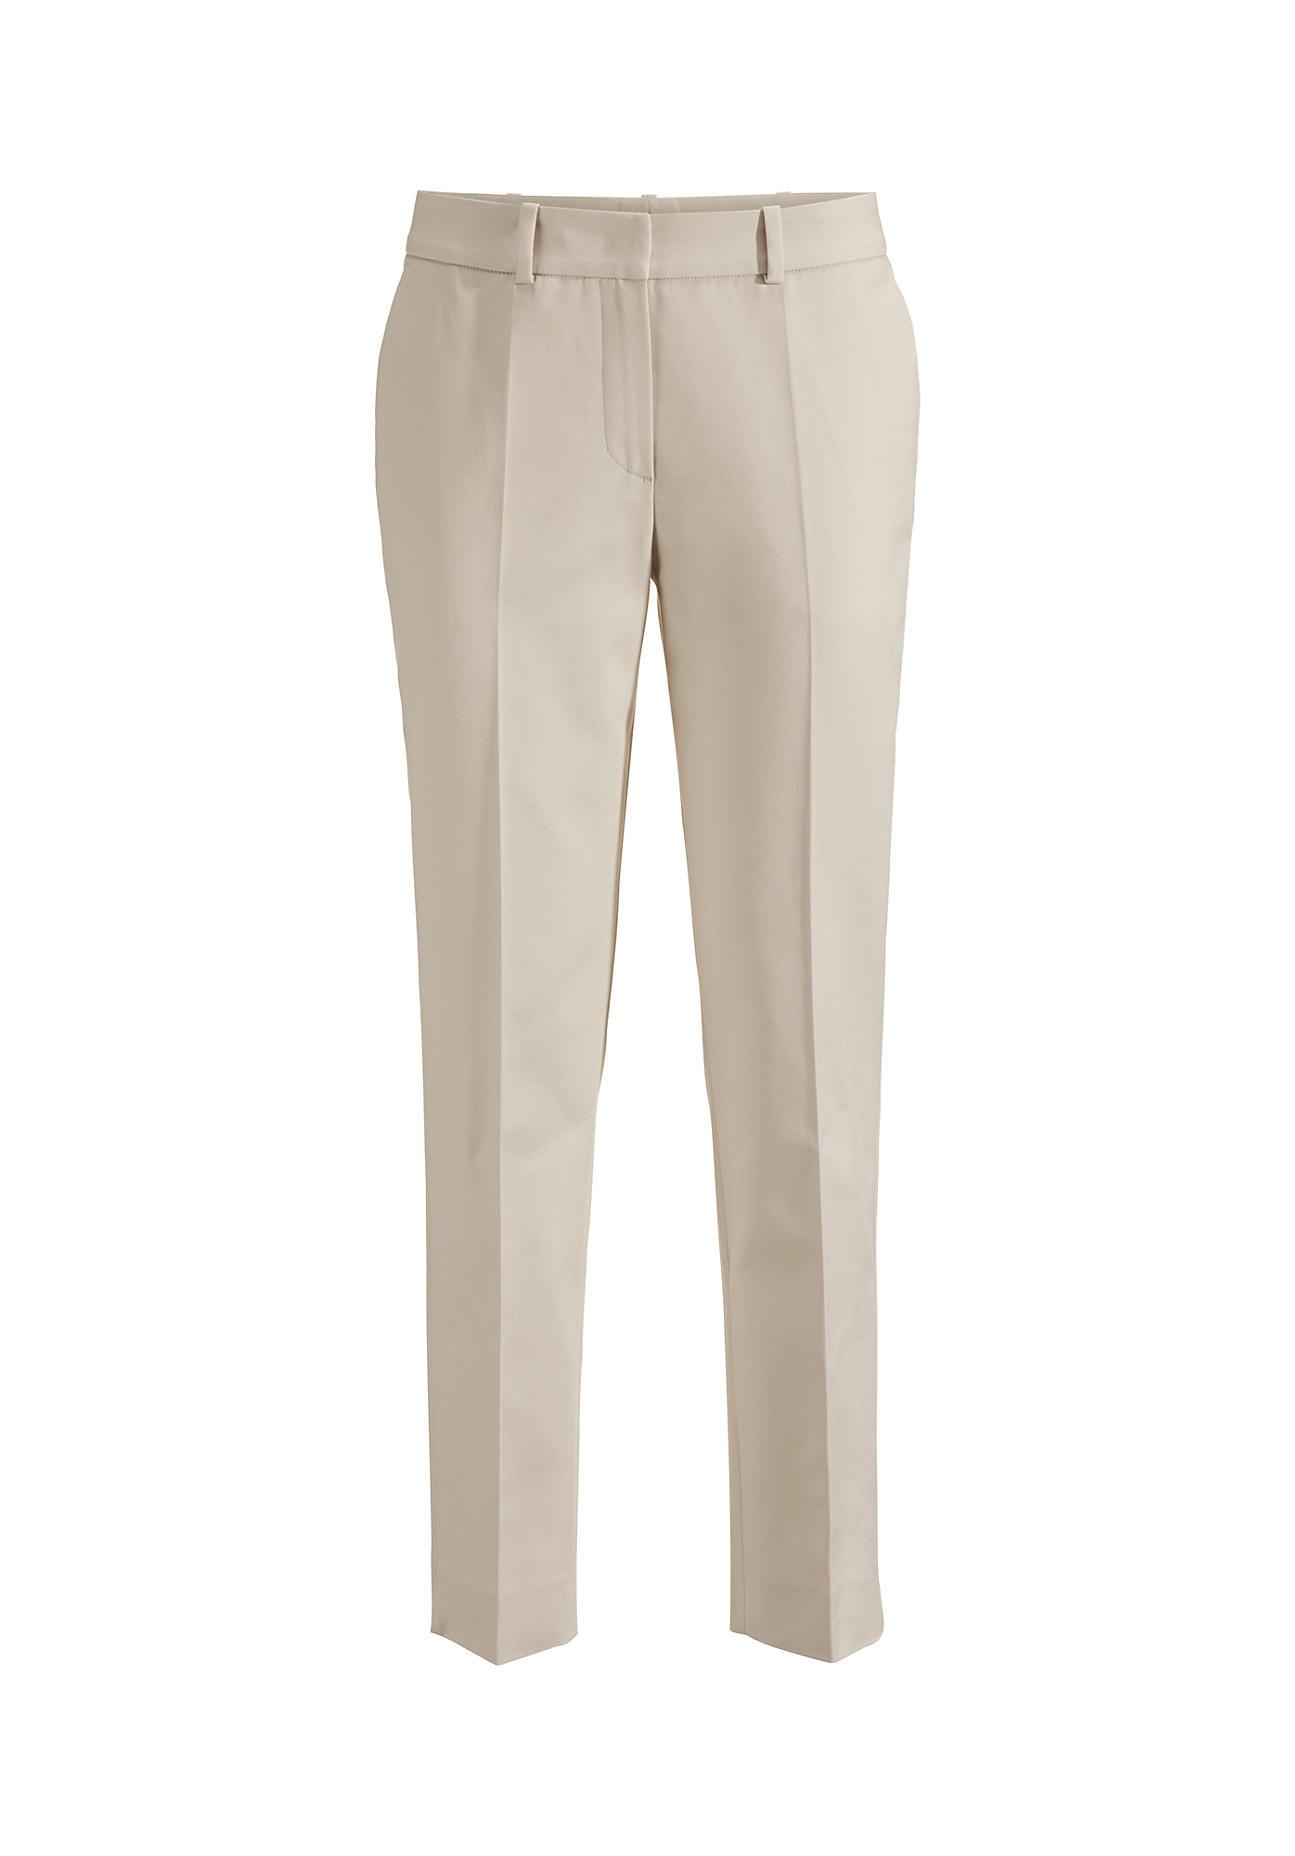 Hosen für Frauen - hessnatur Damen Hose aus Bio Baumwolle – beige –  - Onlineshop Hessnatur